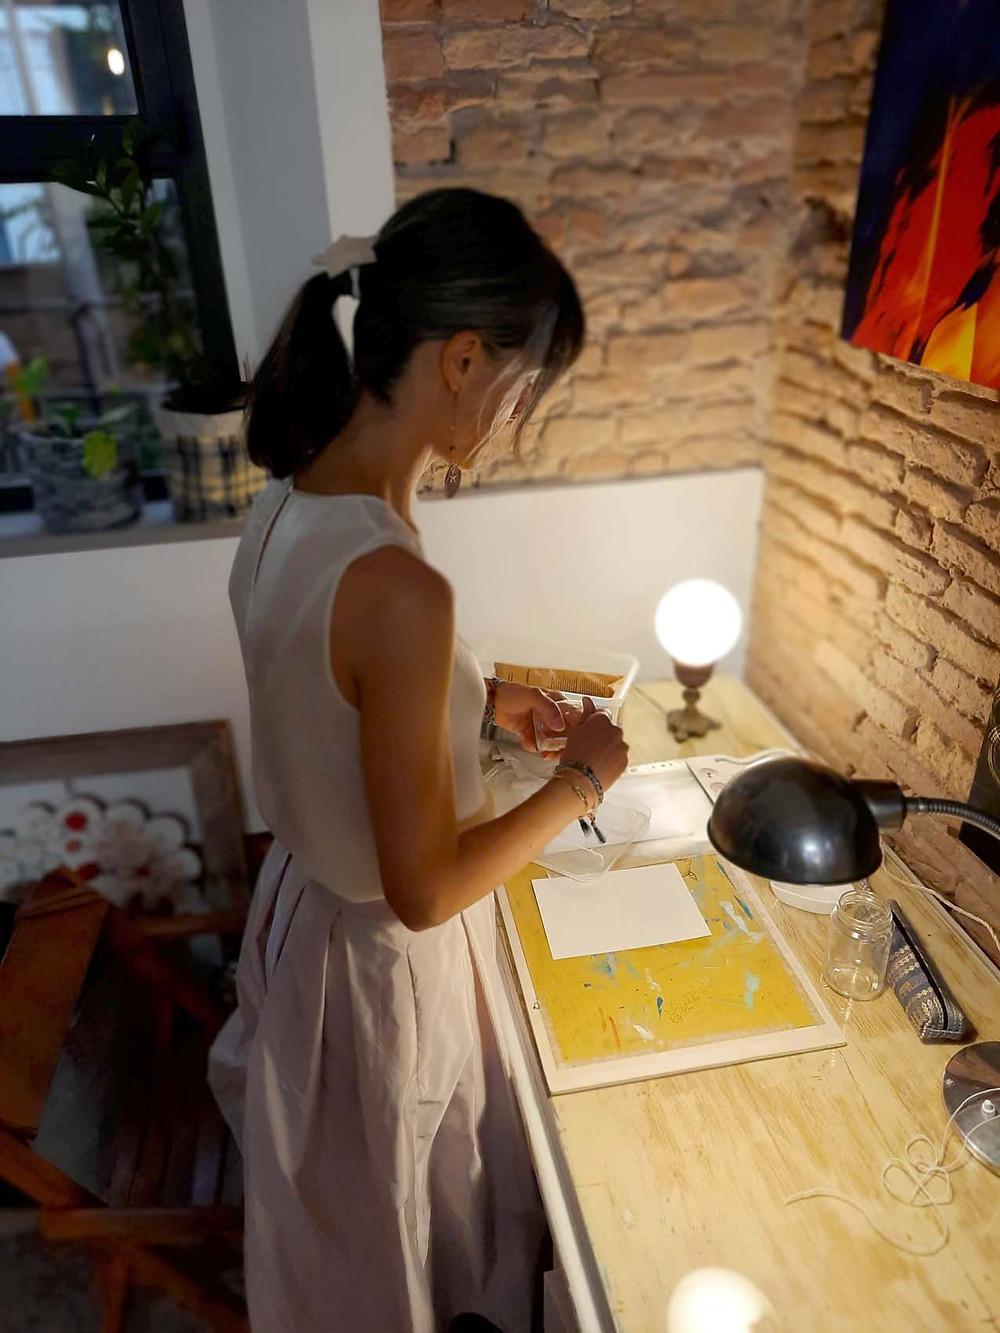 Eleonora si prepara per fare la consulenza dei ismboli per l'anima